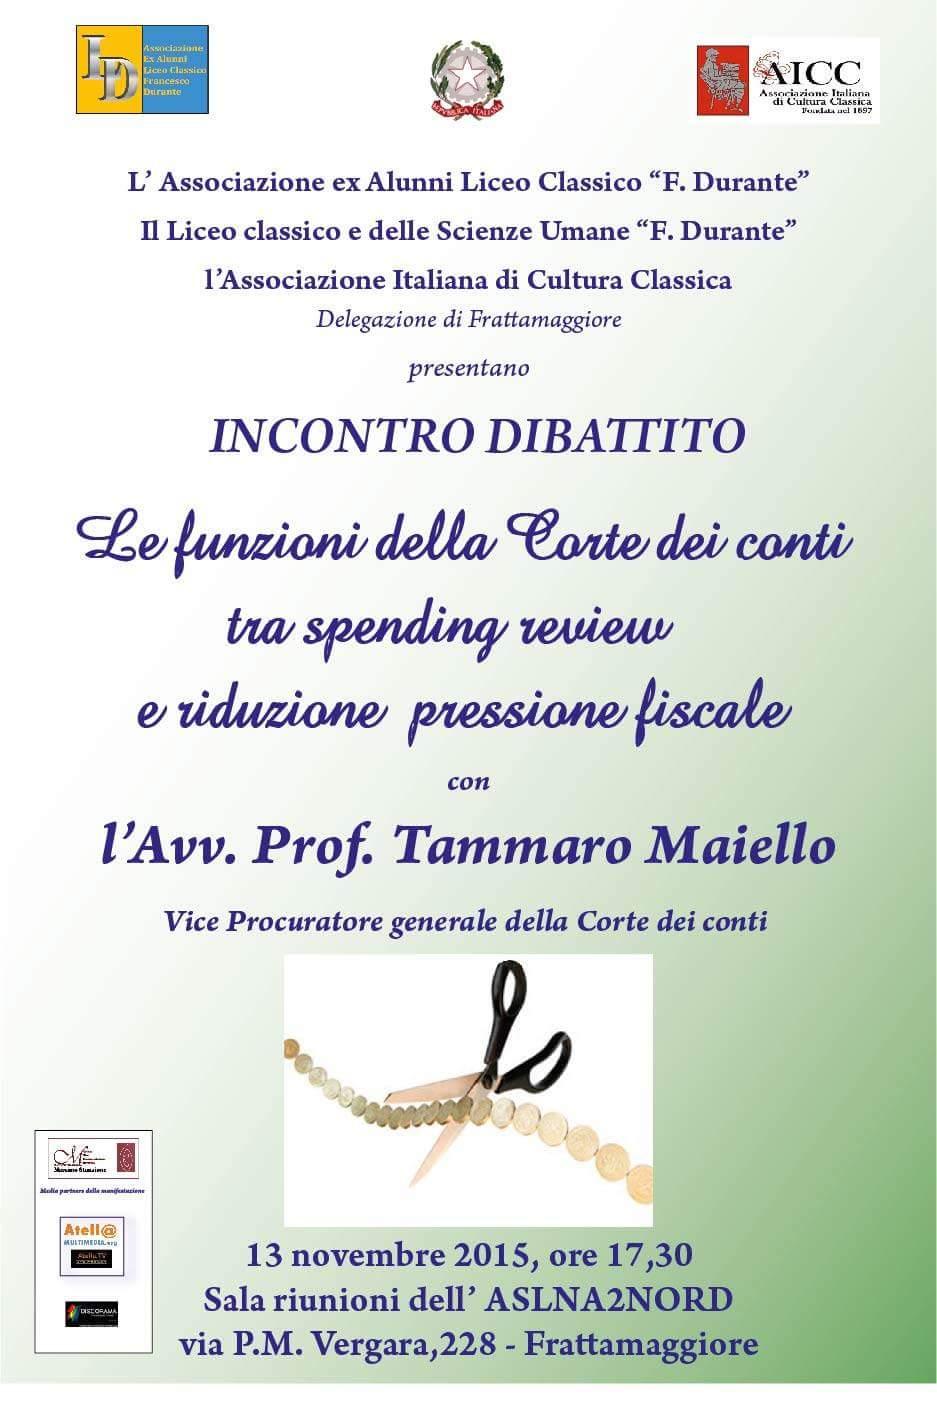 Venerdi 13 novembre ore 17.30, sala riunioni ASL napoli 2 nord via P.M. Vergara 228 Frattamaggiore